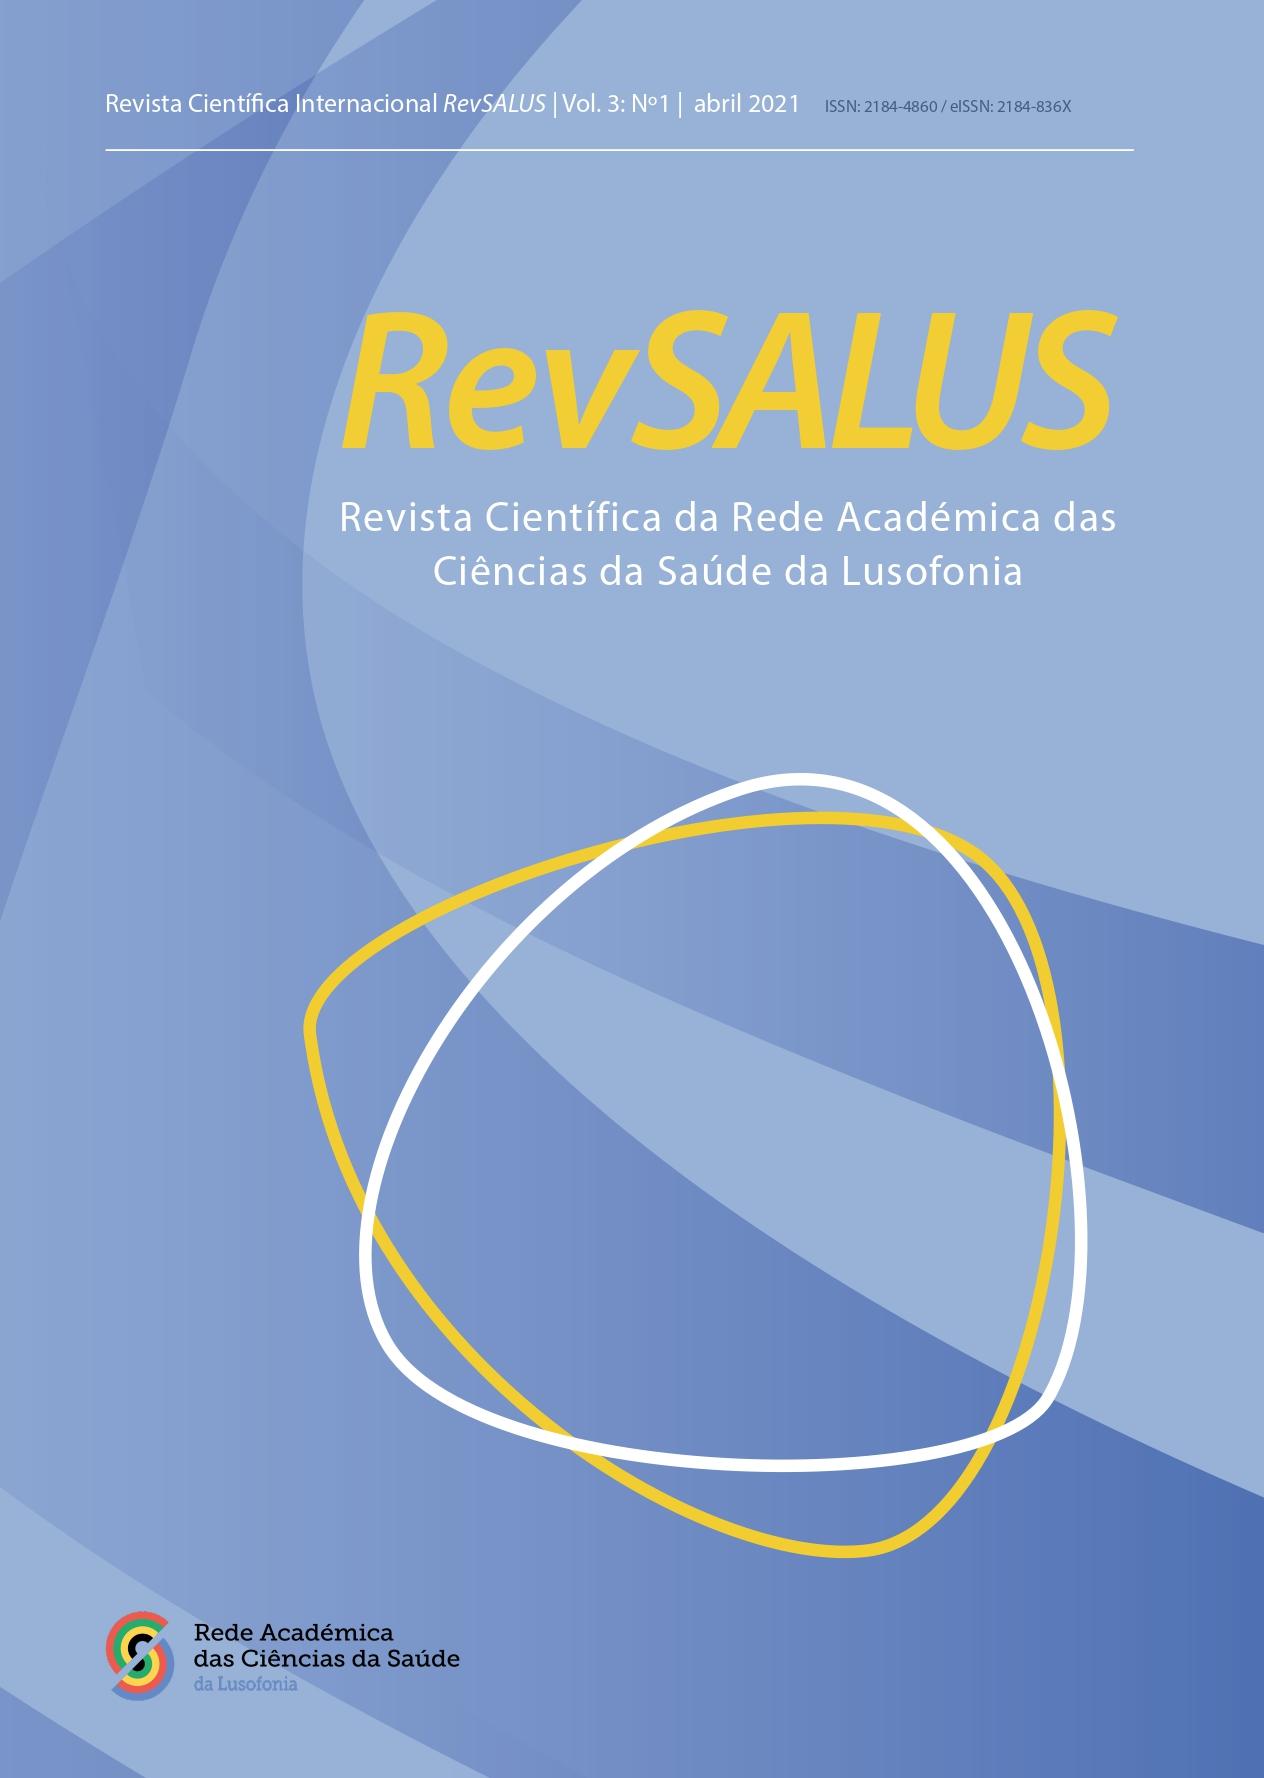 Ver Vol. 3 N.º 1 (2021): RevSALUS - Revista Científica Internacional da RACS